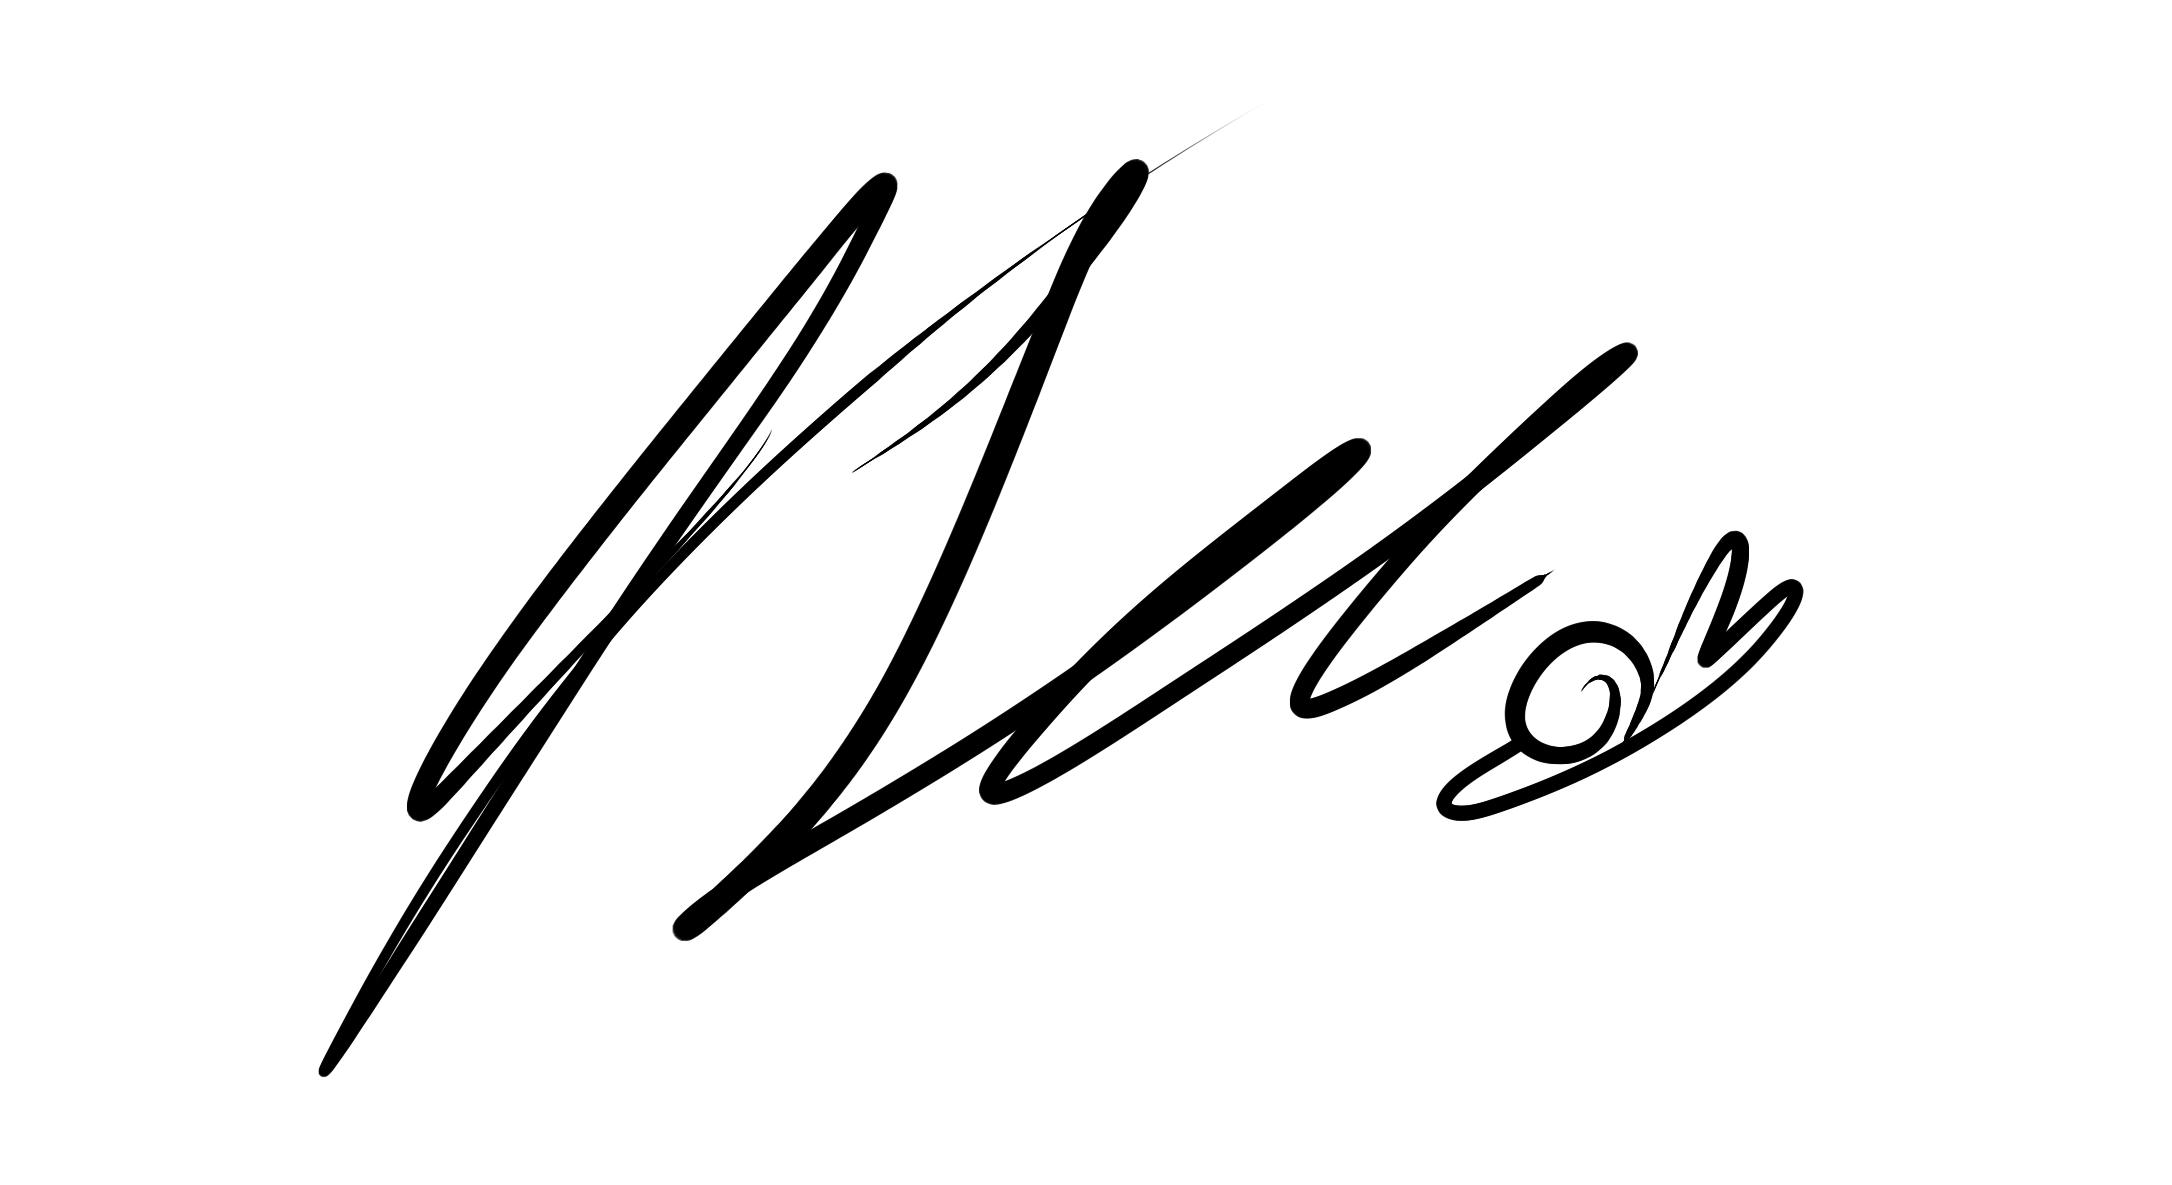 Jordan Perry's Signature